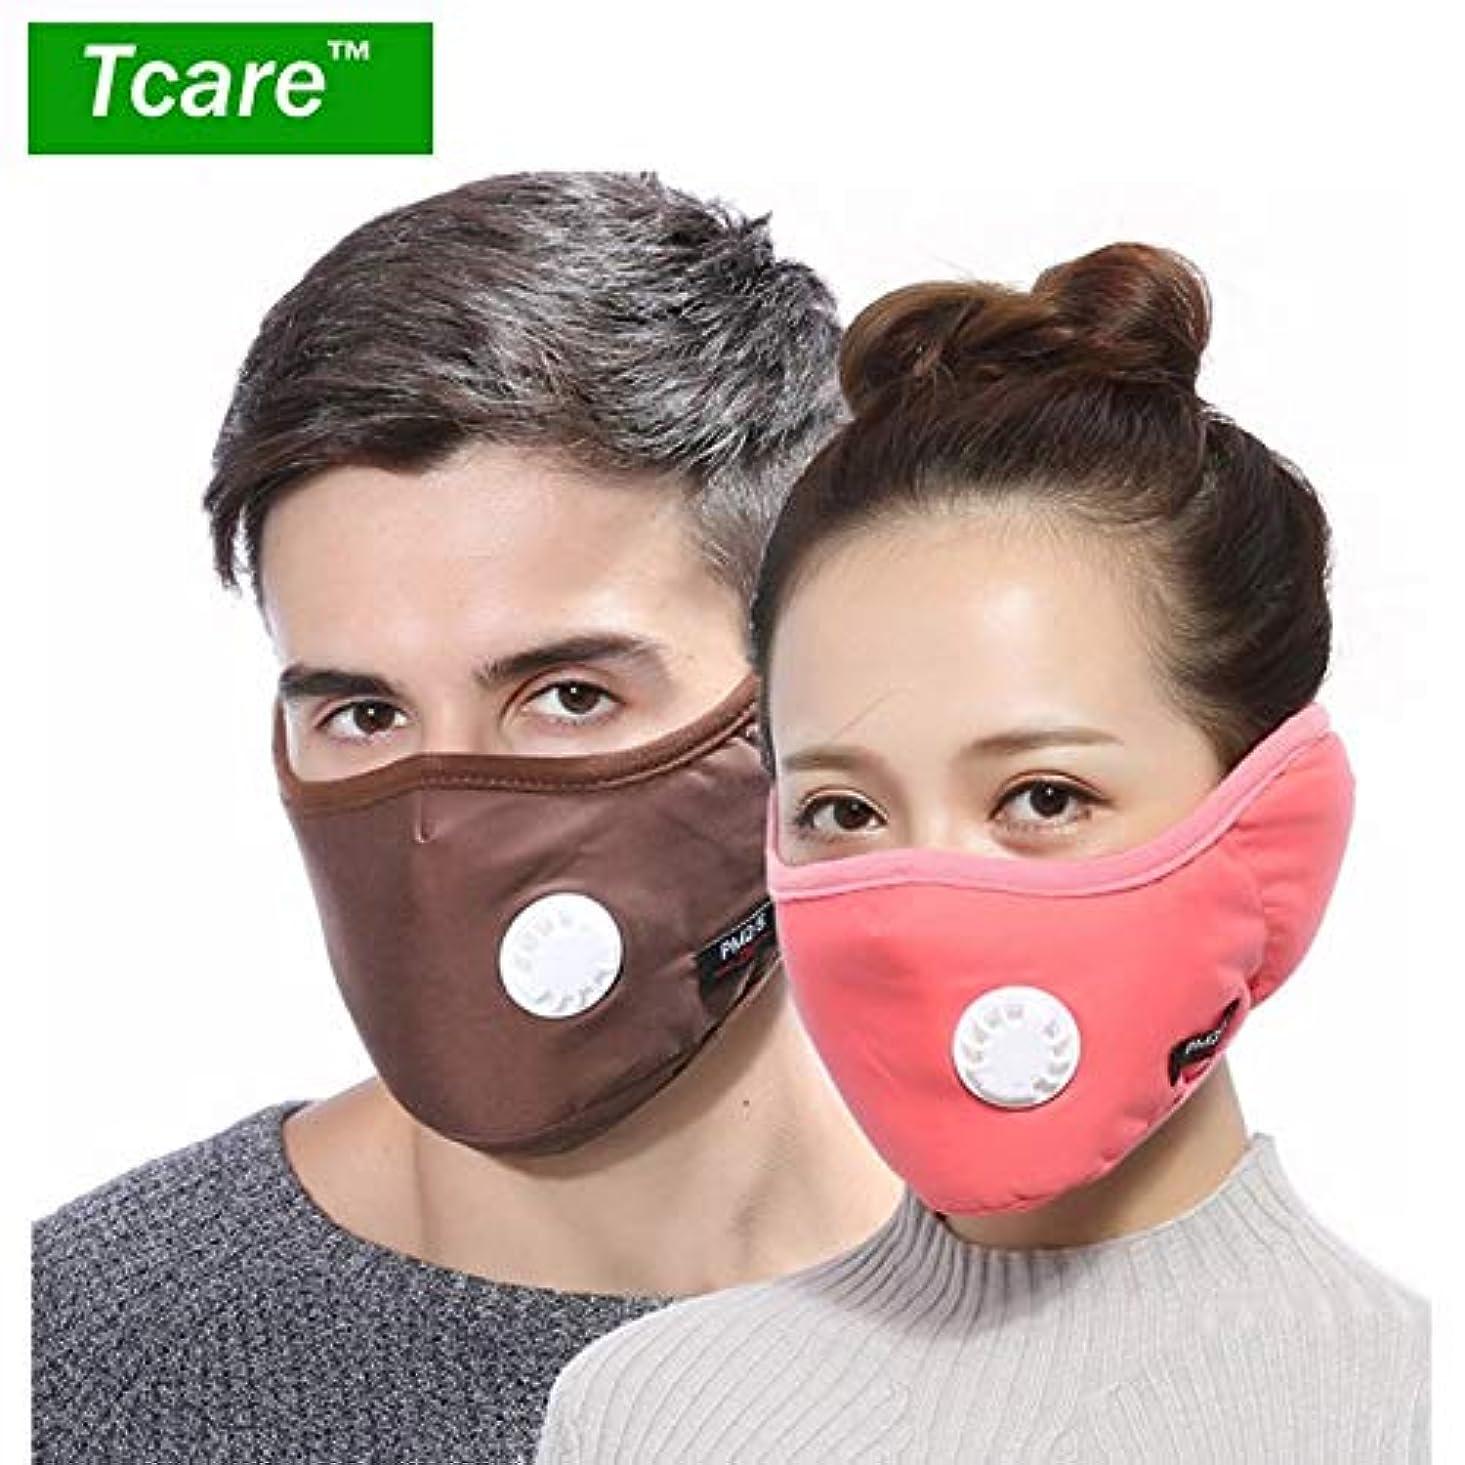 オーバーコートリビジョンむちゃくちゃ6 Waternレッド:1 PM2.5マスクバルブコットンアンチダスト口マスクの冬のイヤーマフActtedフィルター付マスクでTcare 2